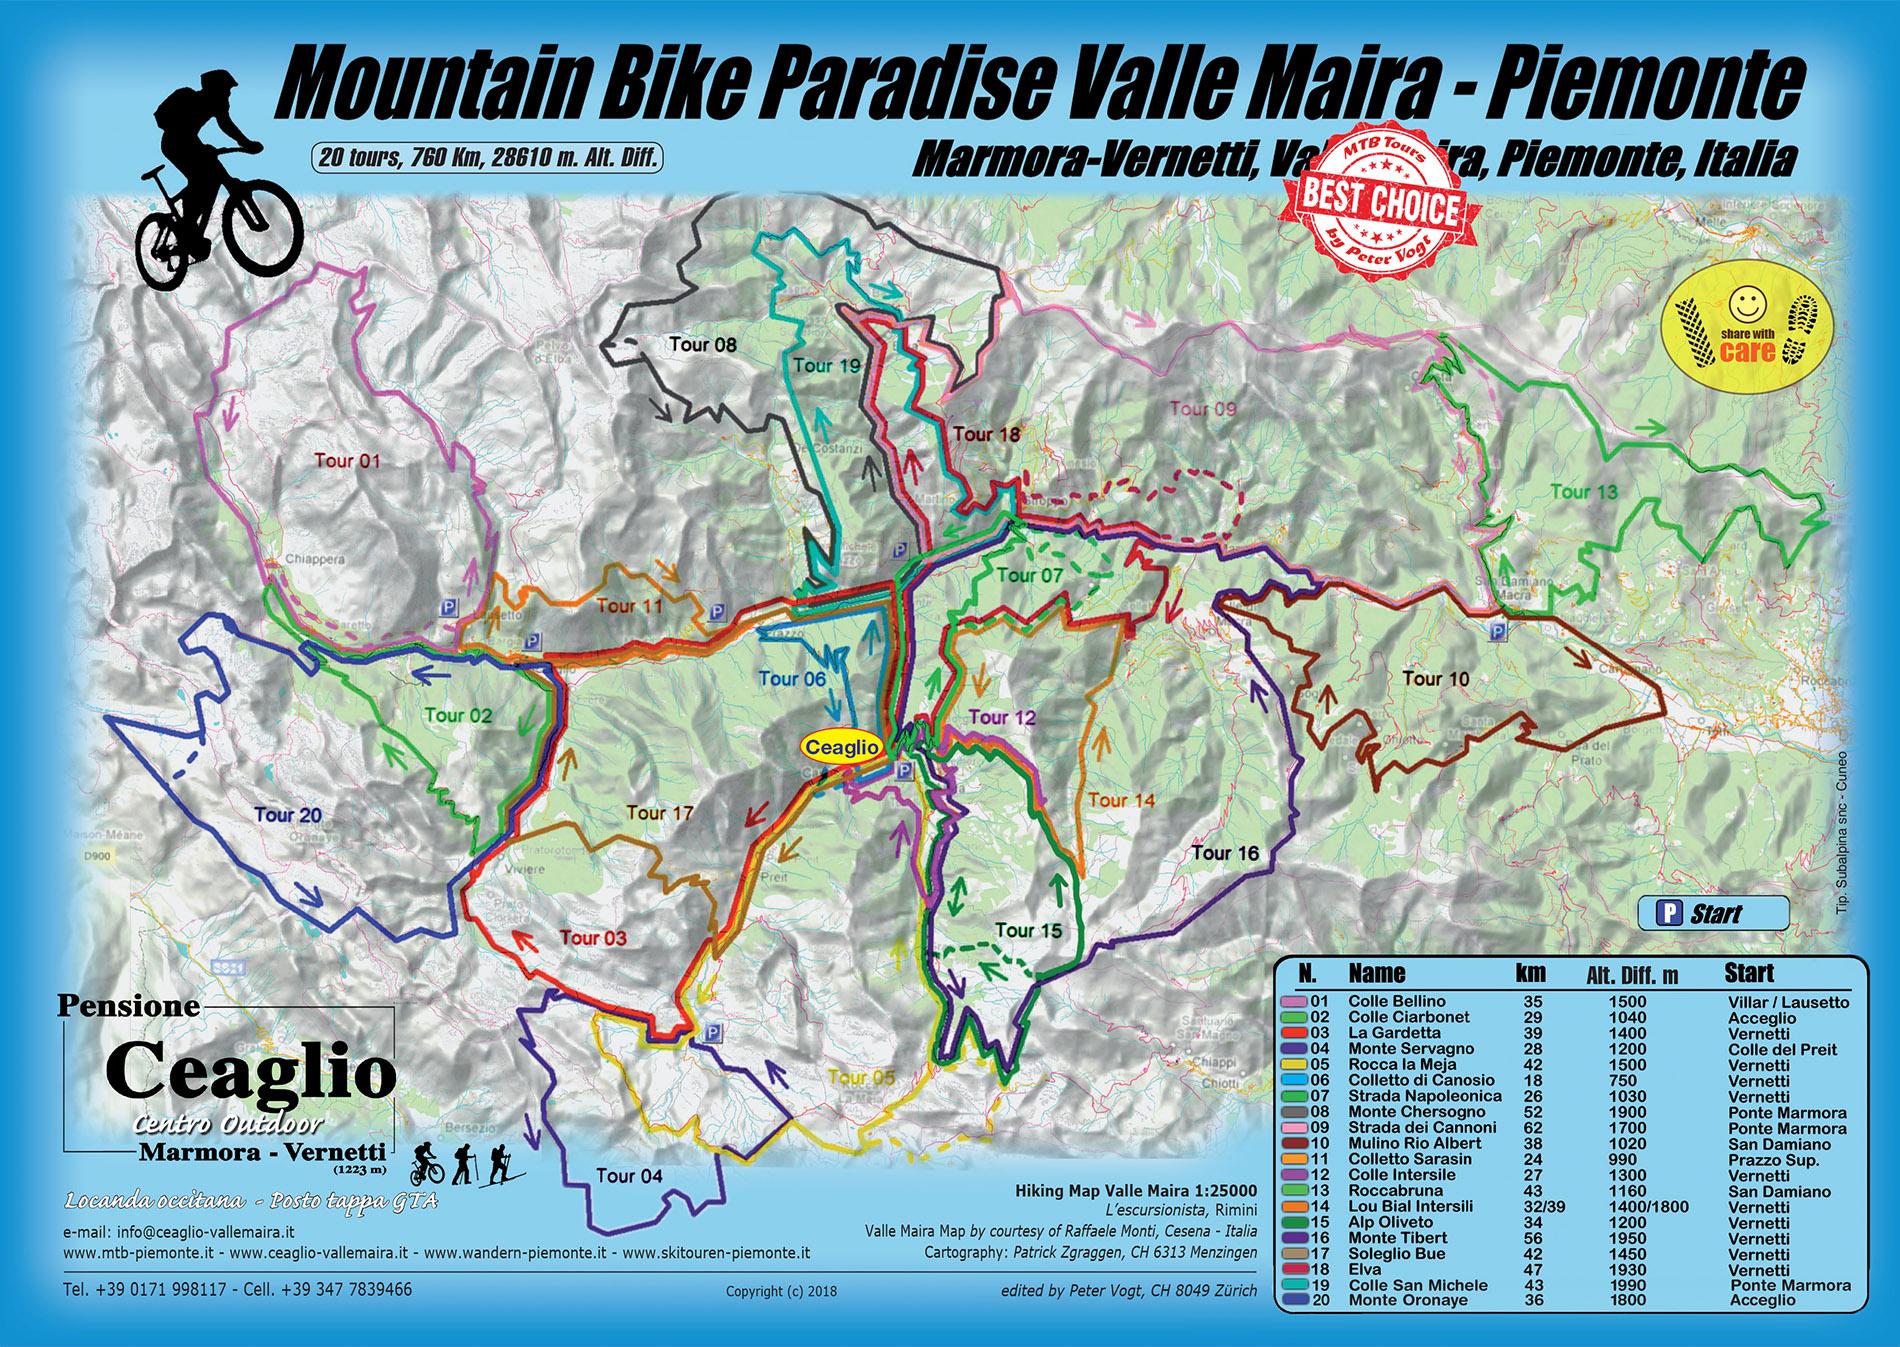 Cartina Militare Piemonte.Mountain Bike Paradise Mtb Piemonte